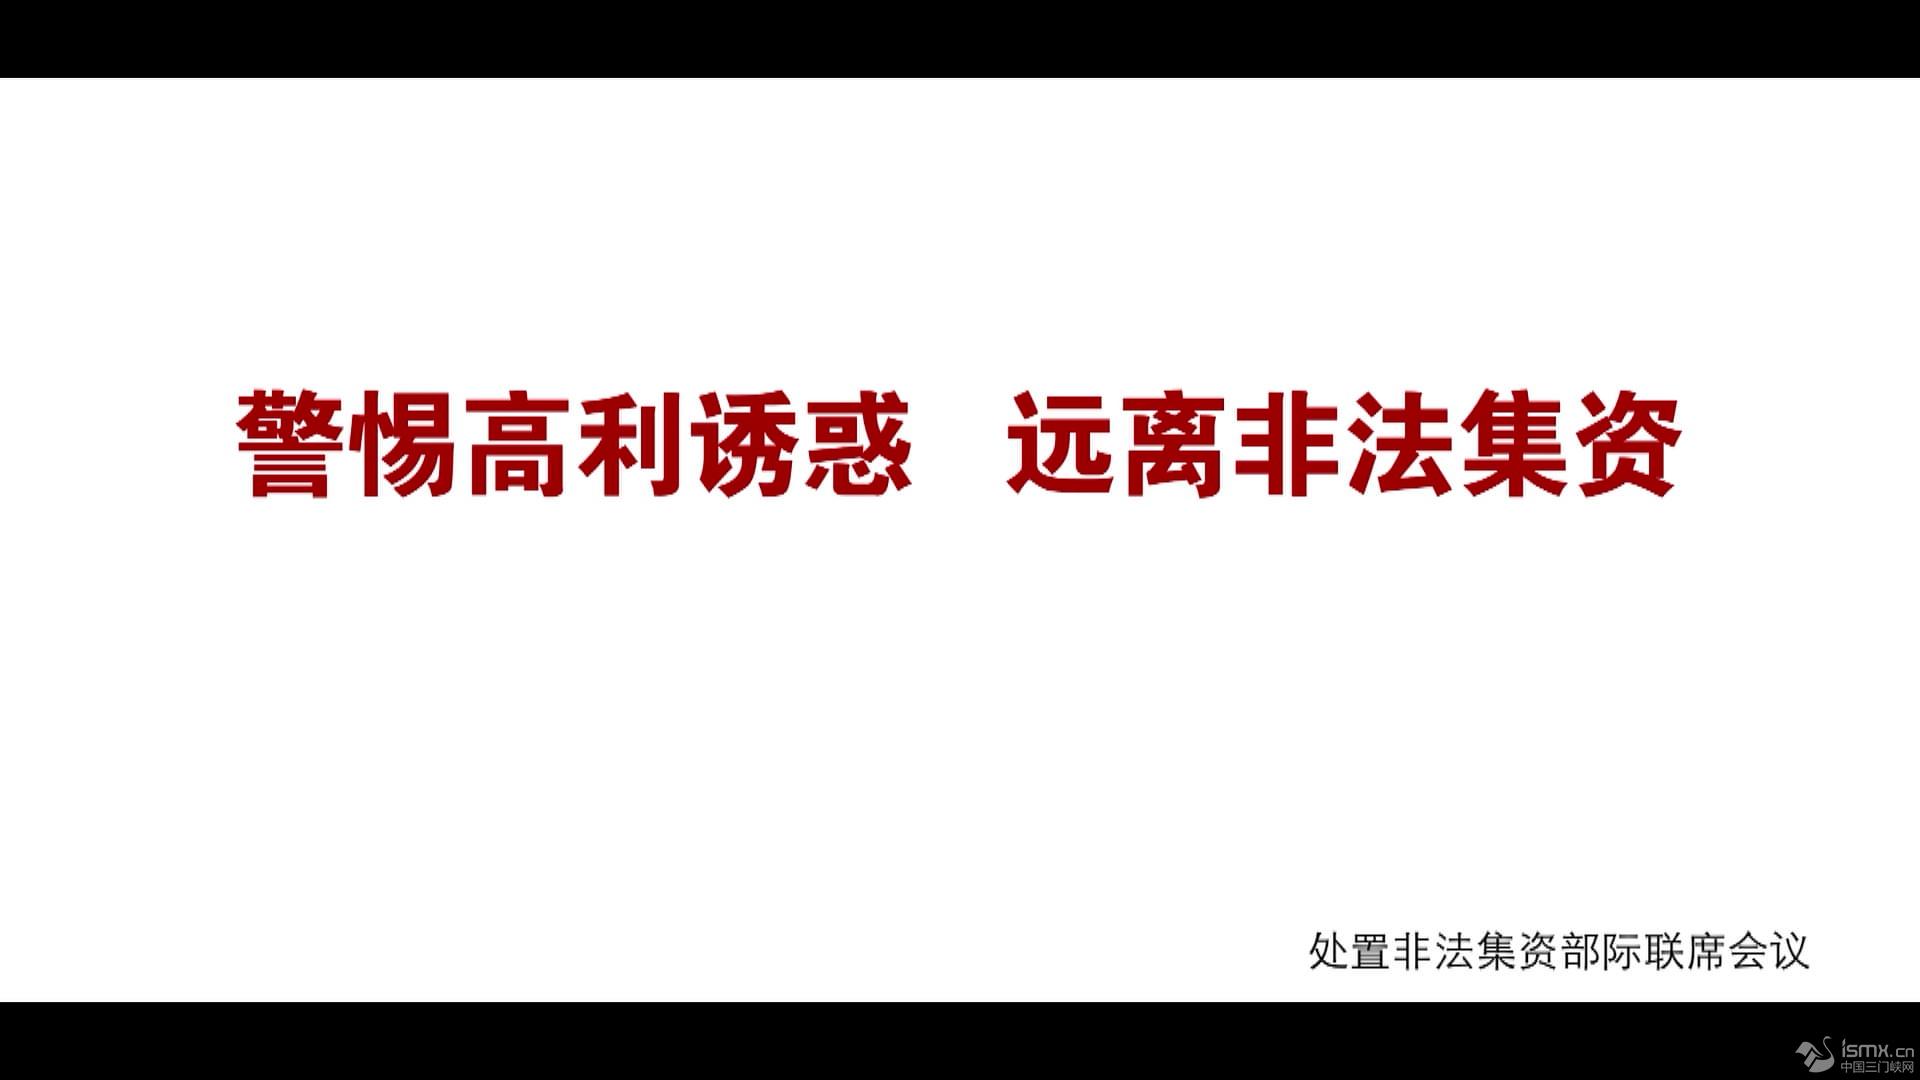 防范和处置非法集资法律政策宣传(农业篇)